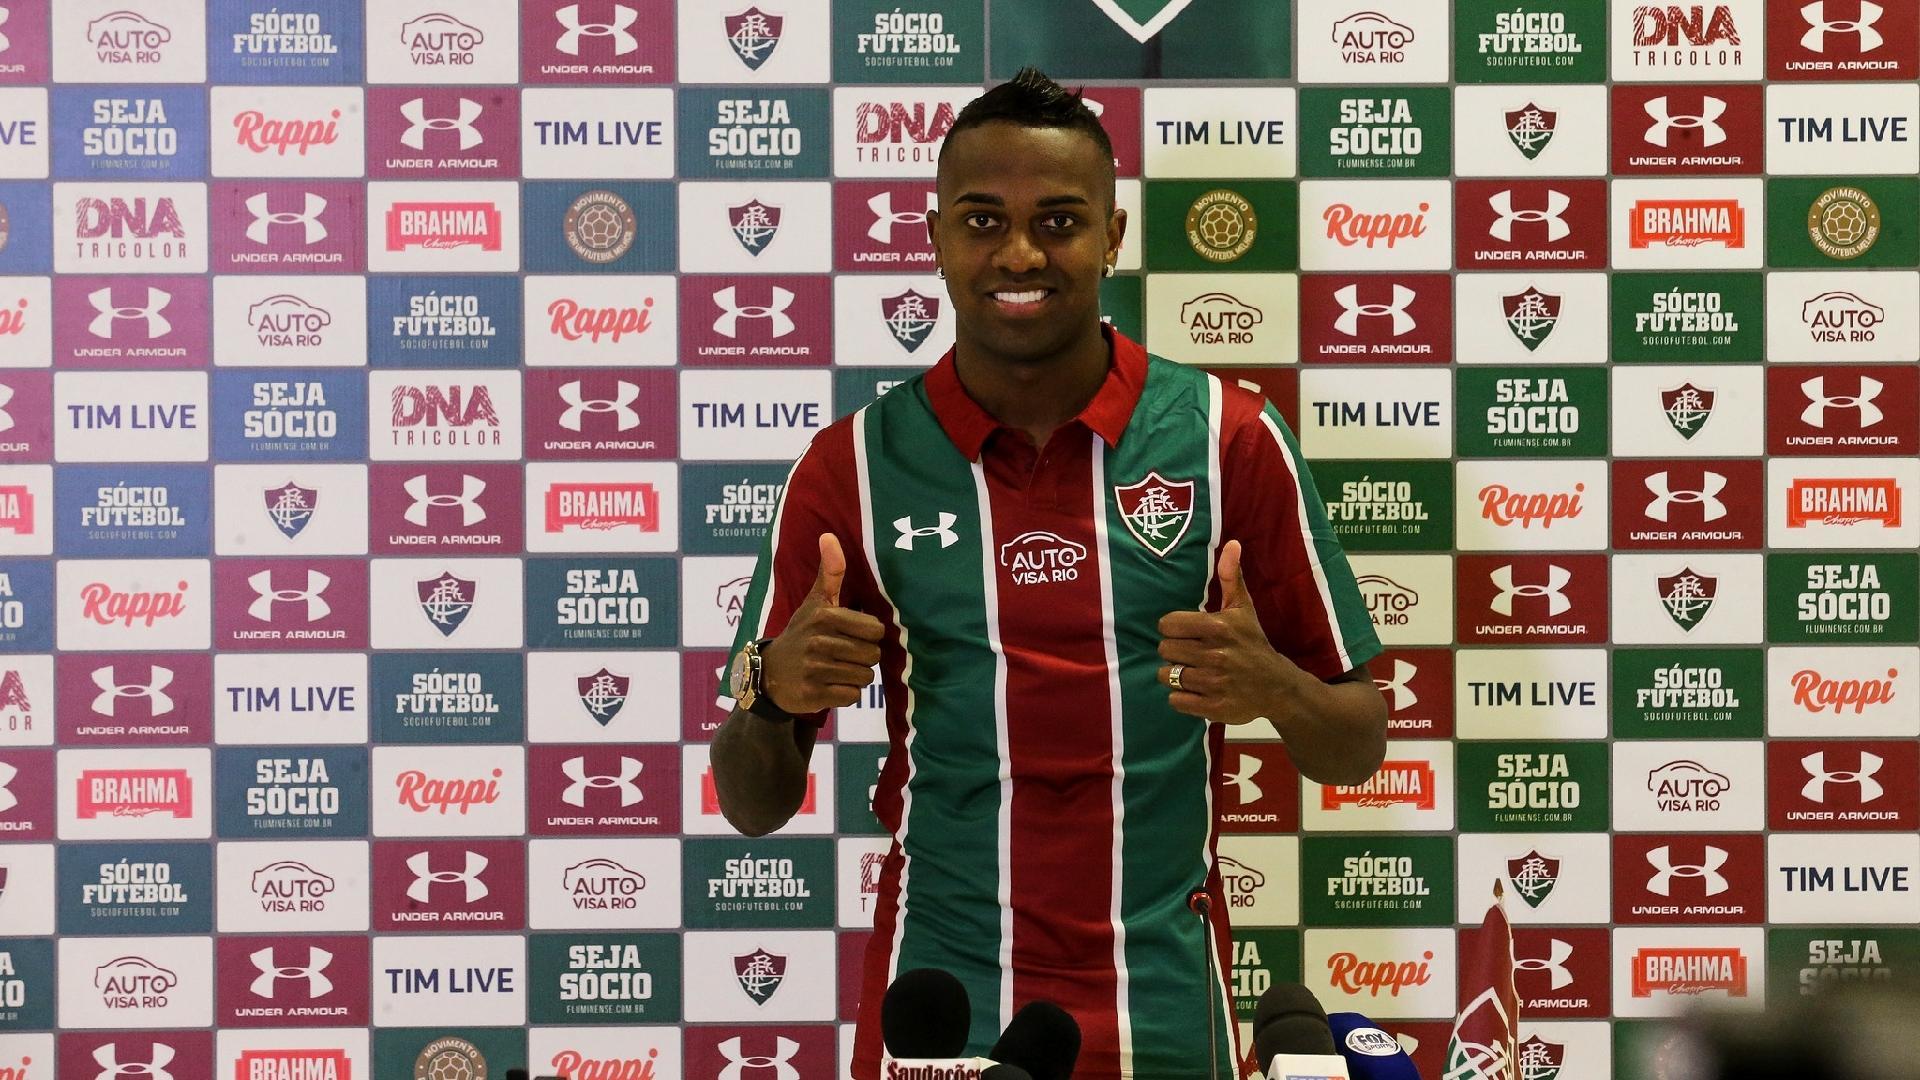 Kelvin é apresentado como reforço do Fluminense para a sequência da temporada 2019